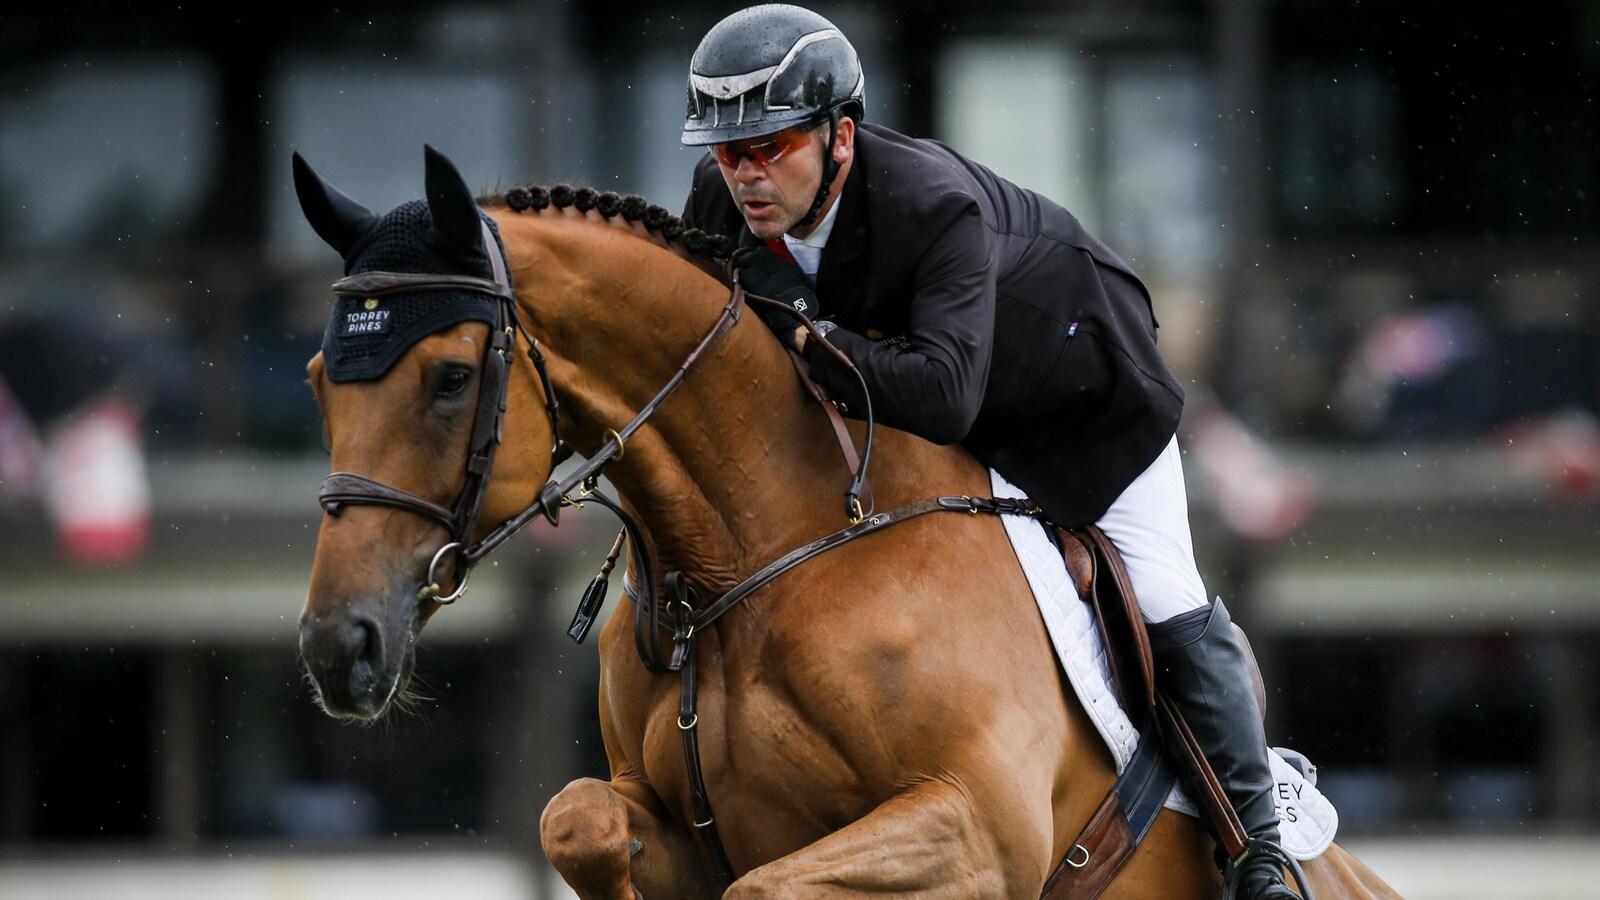 Éric Lamaze est sur son cheval, Chacco Kid, lors d'une épreuve de saut d'obstacles.